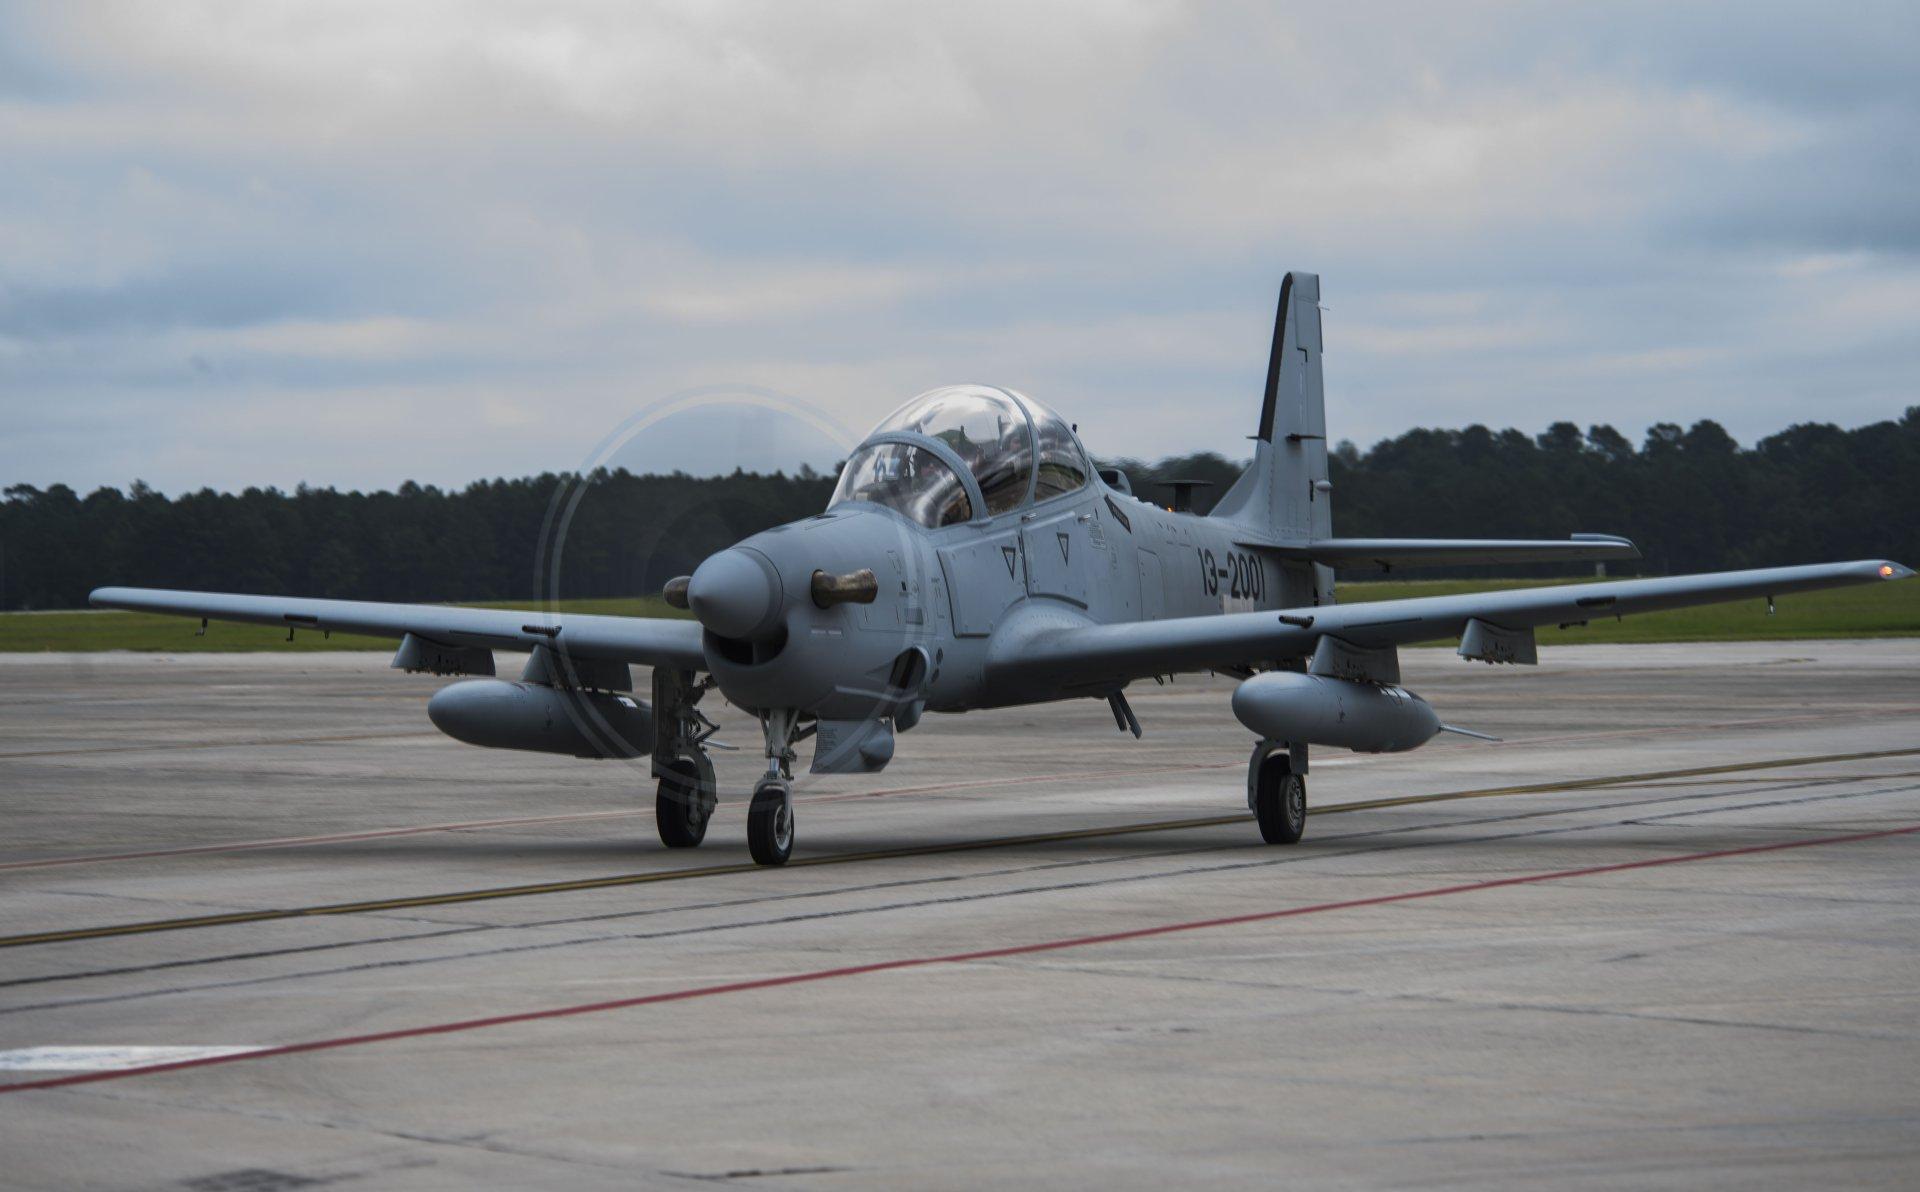 A-29 Super Tucano arrives at Moody AFB